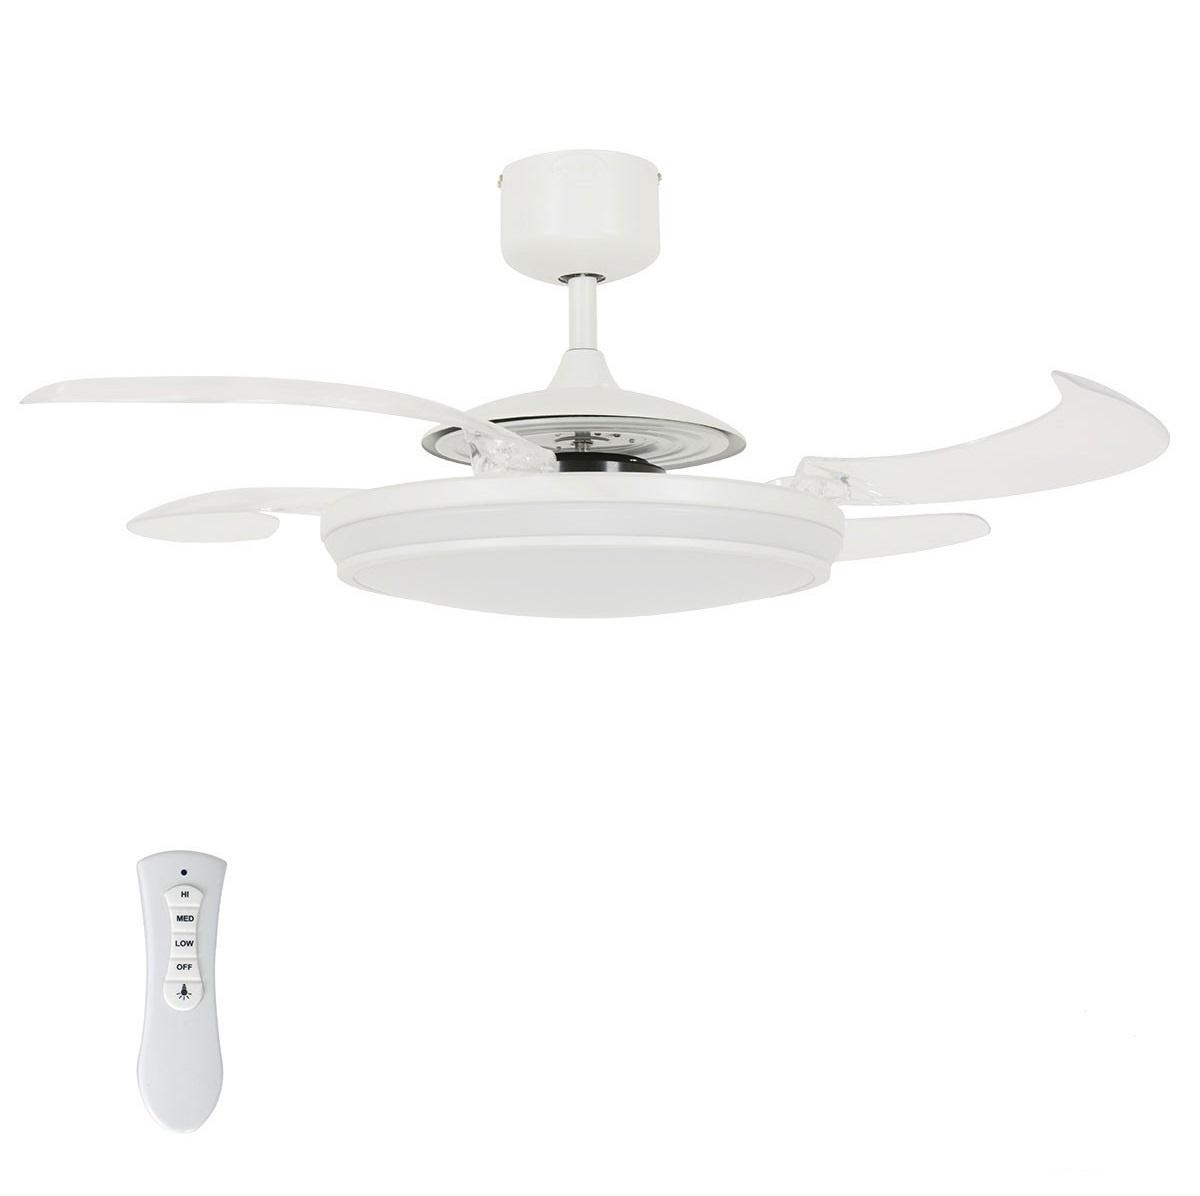 Lucci Plafondventilator Fanaway LED White 121cm   Lucci   9333509114505